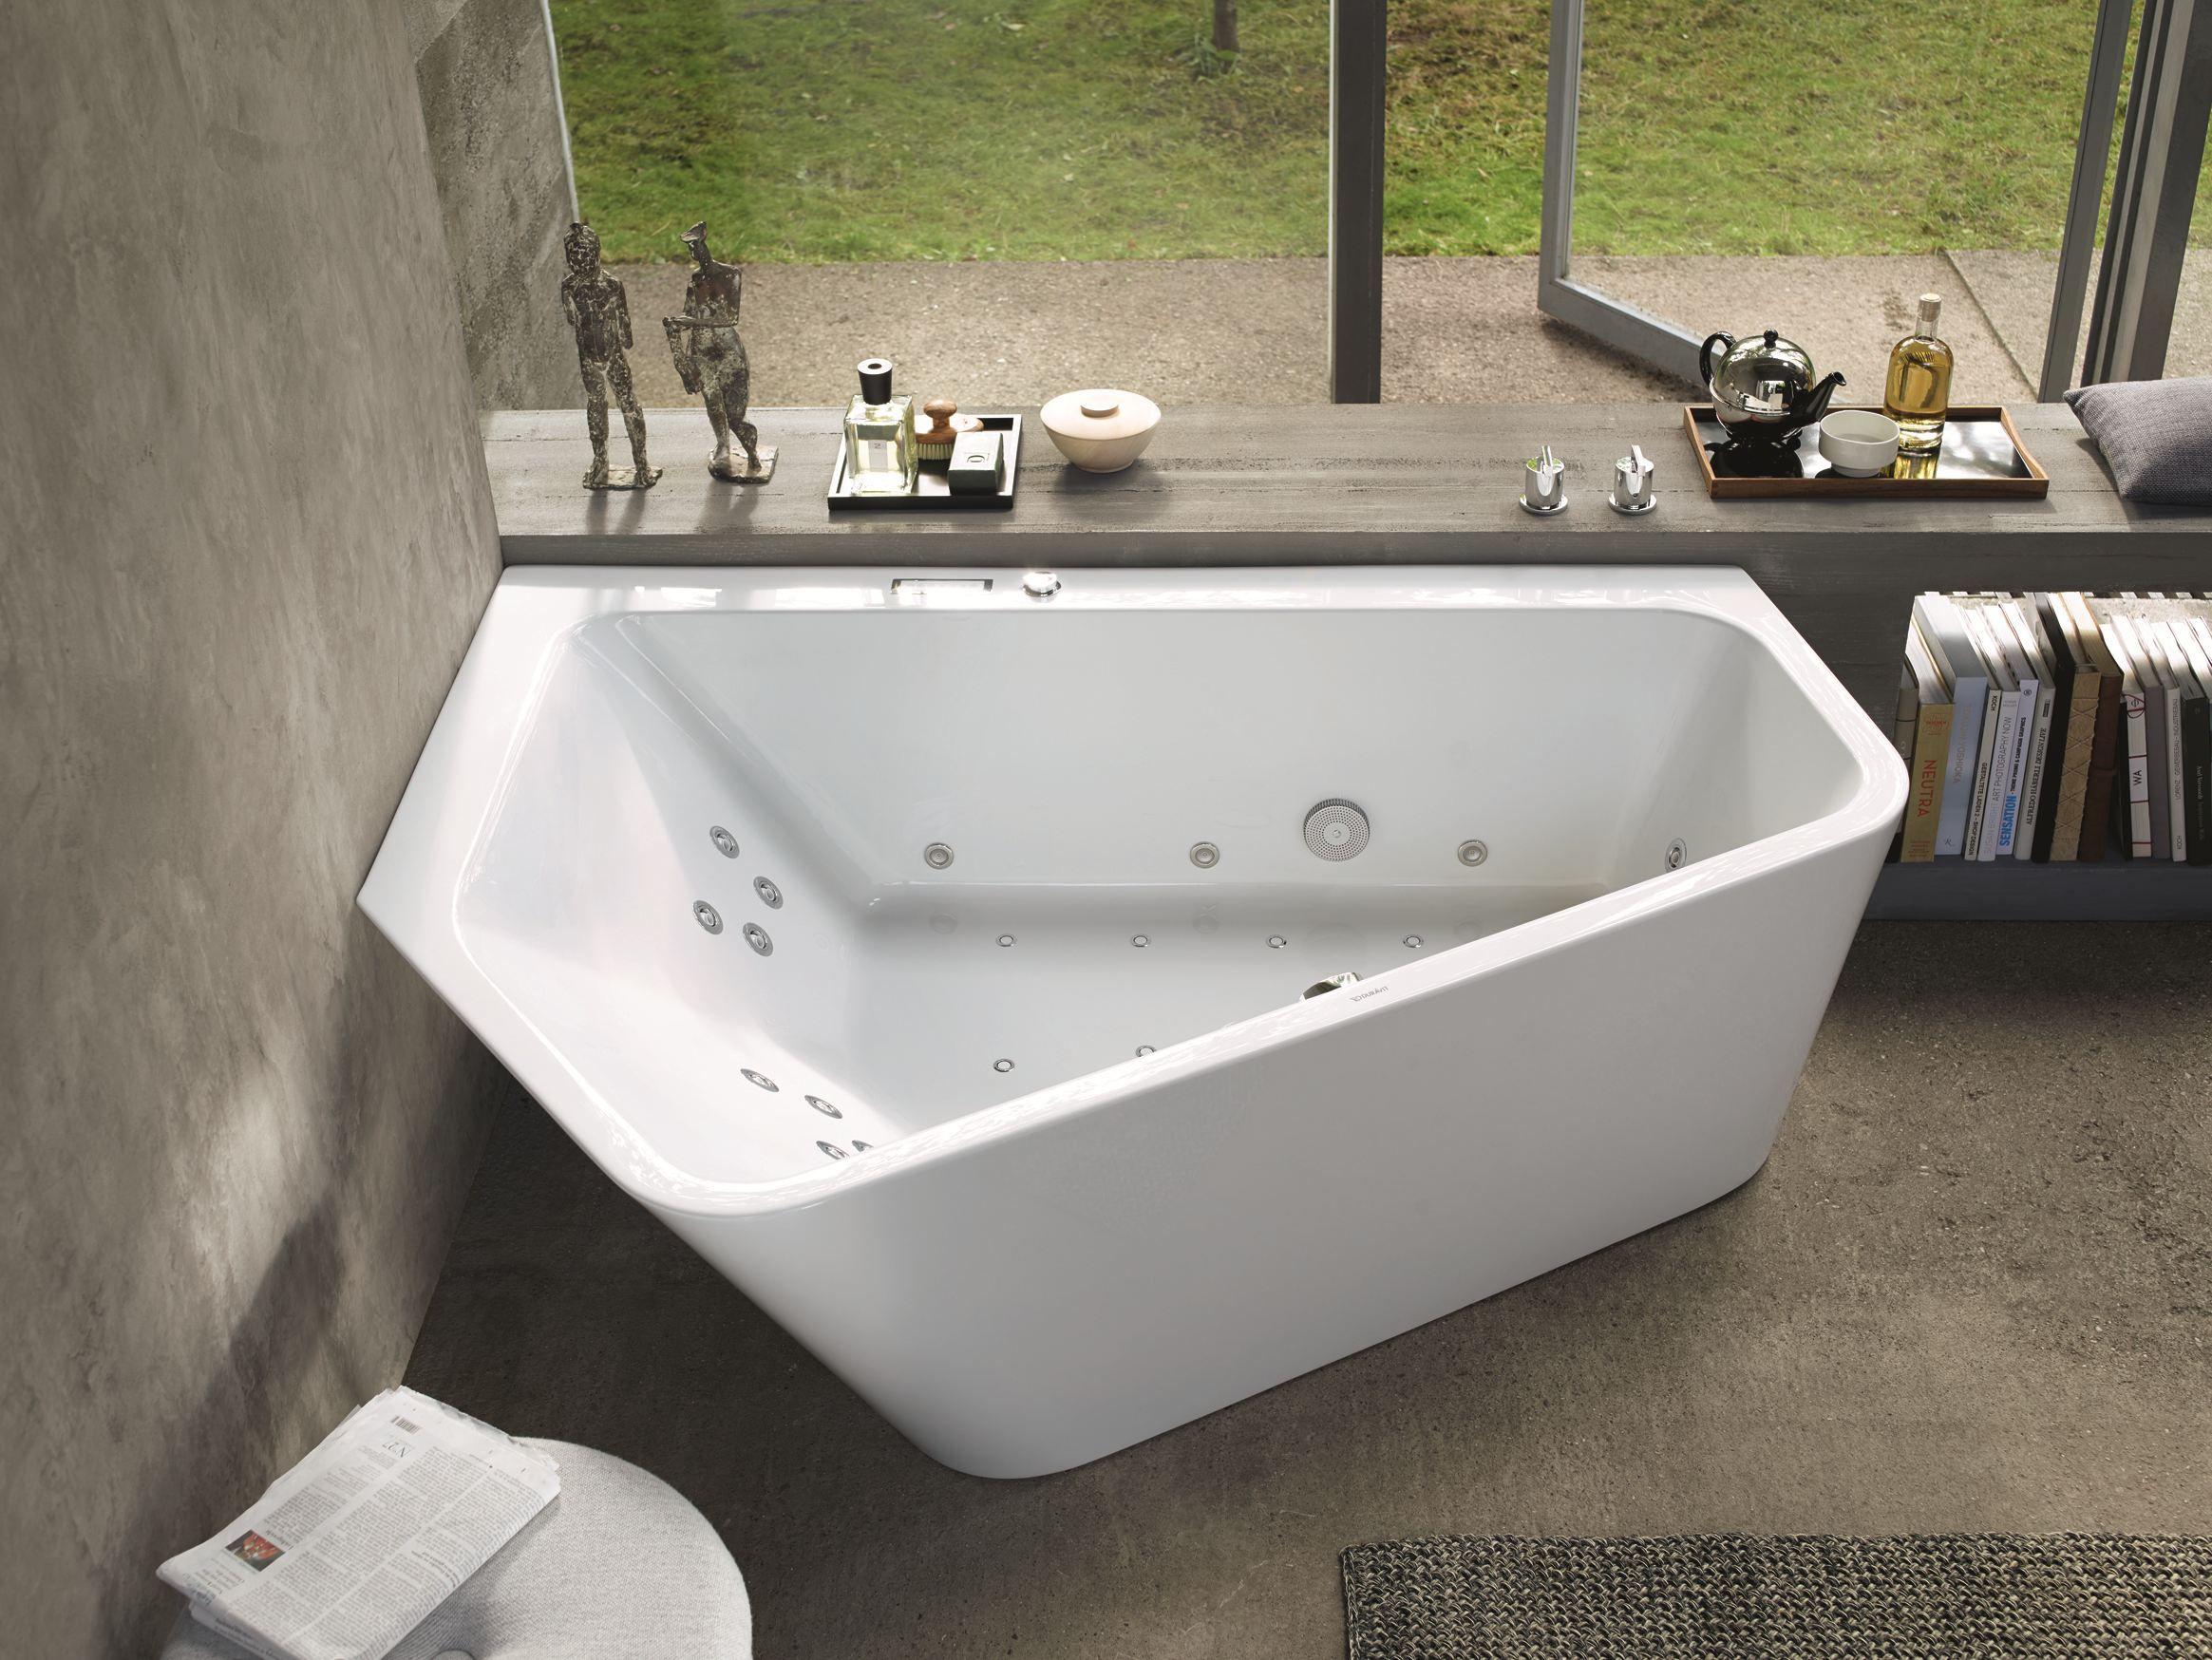 PAIOVA 5 Bathtub by DURAVIT design EOOS | Home | Pinterest | Duravit ...